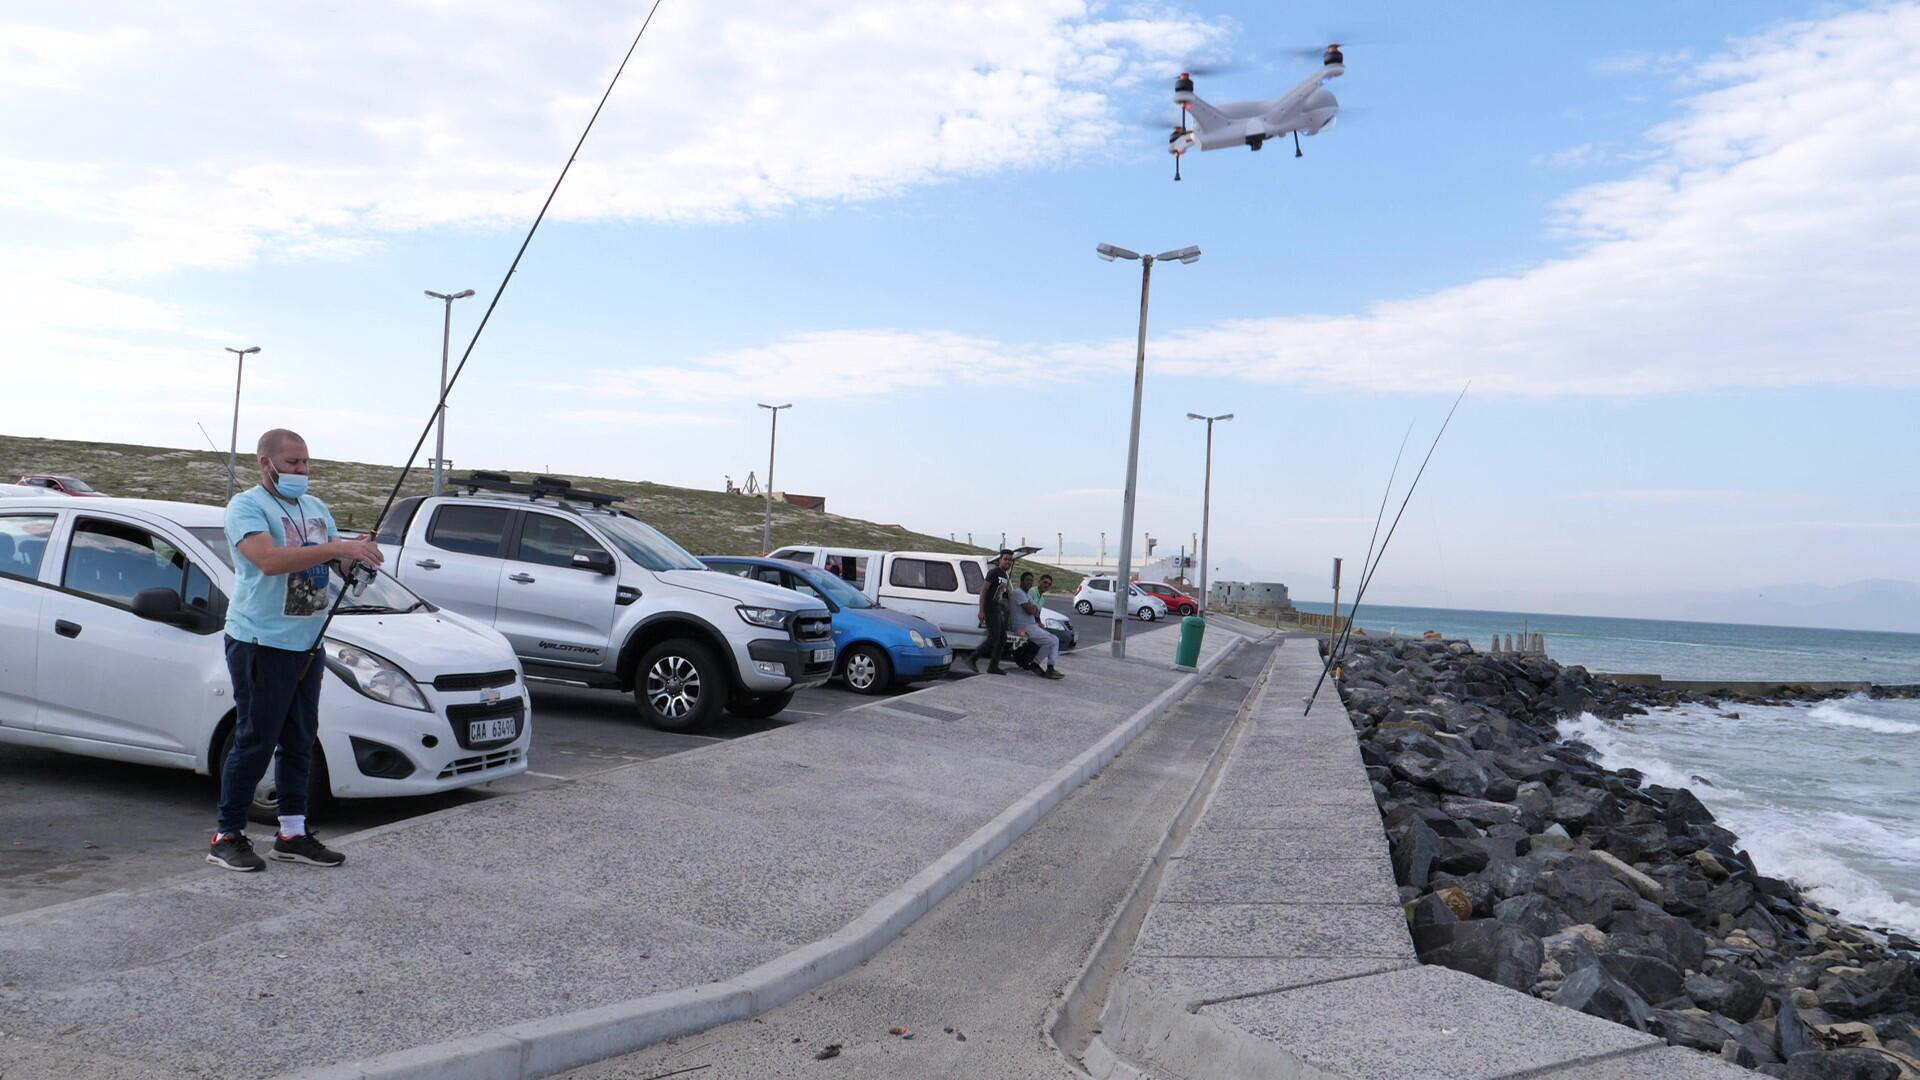 Afrique du Sud - Cap - Pêche au drone